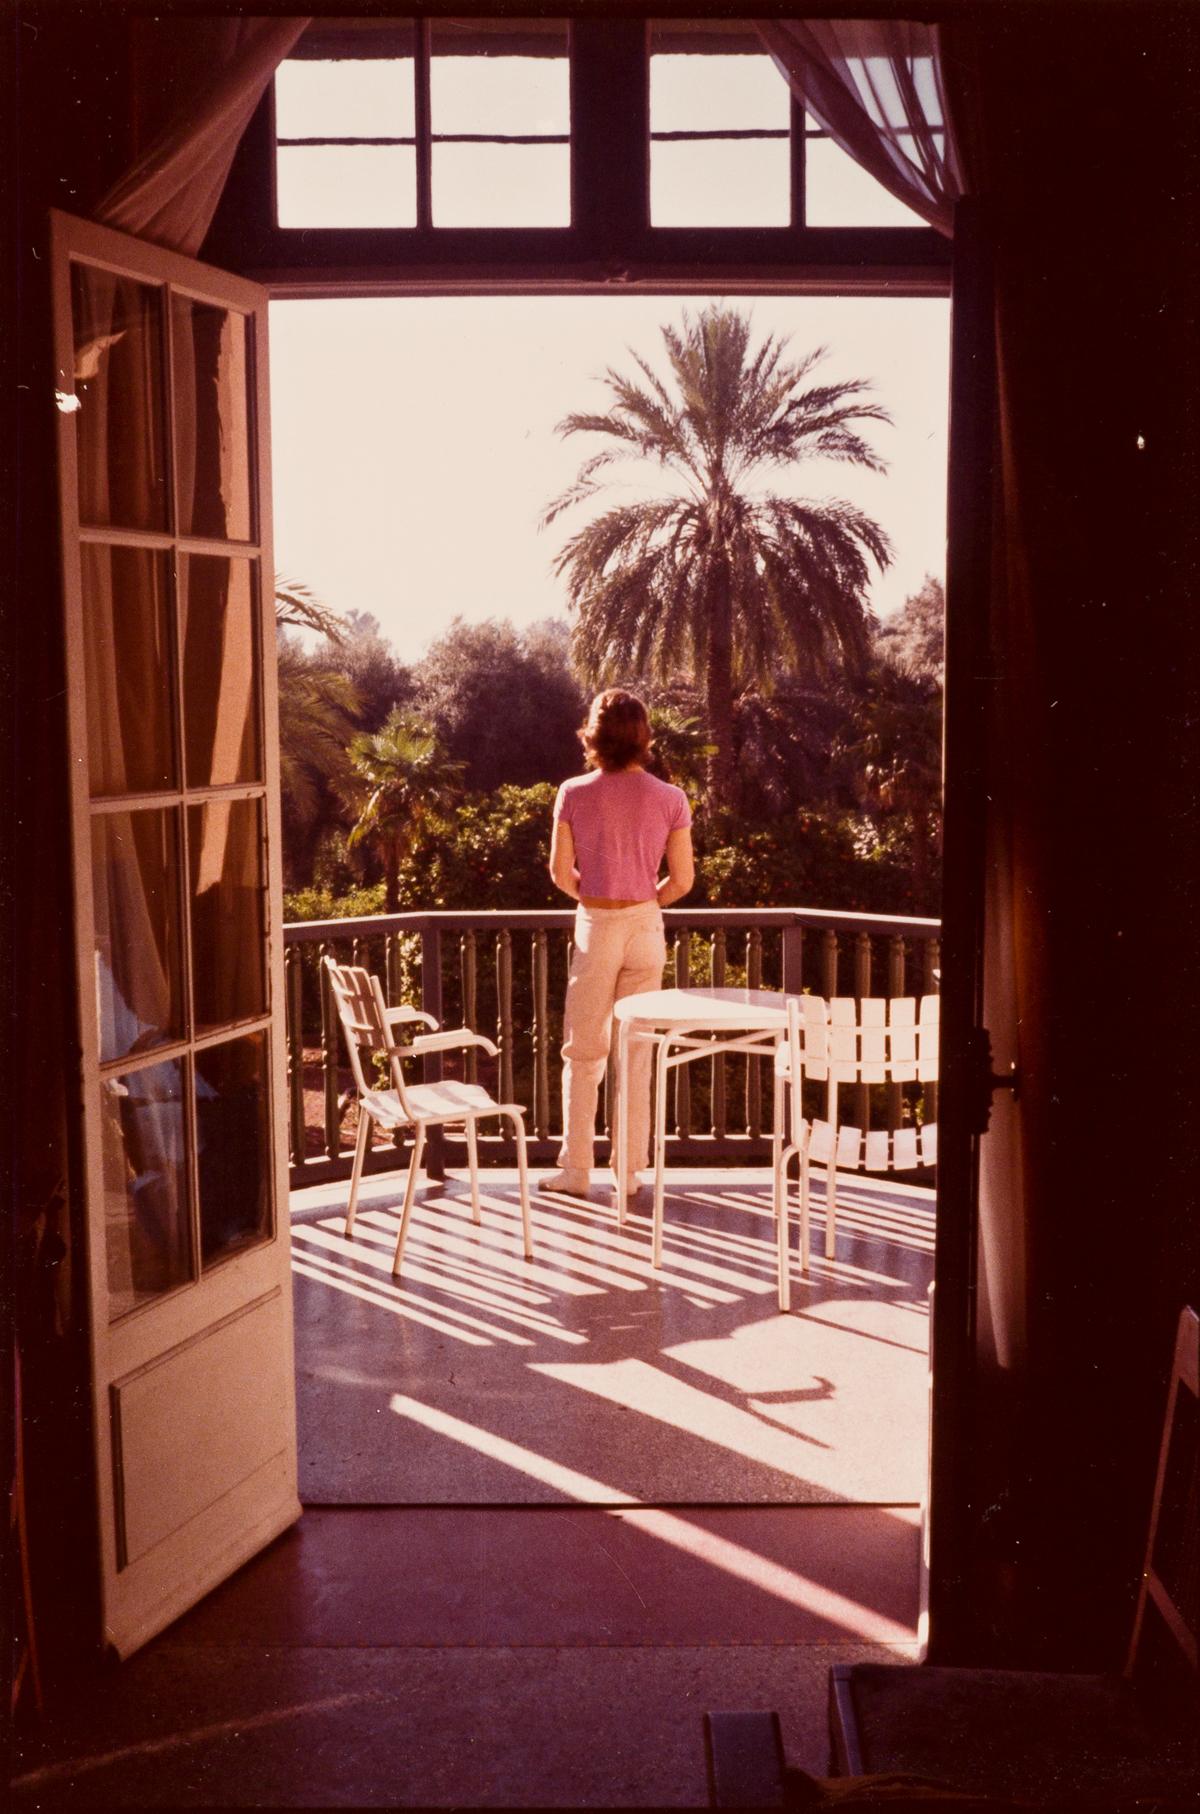 DAVID HOCKNEY (1937 - ) Peter Schlesinger on the balcony.